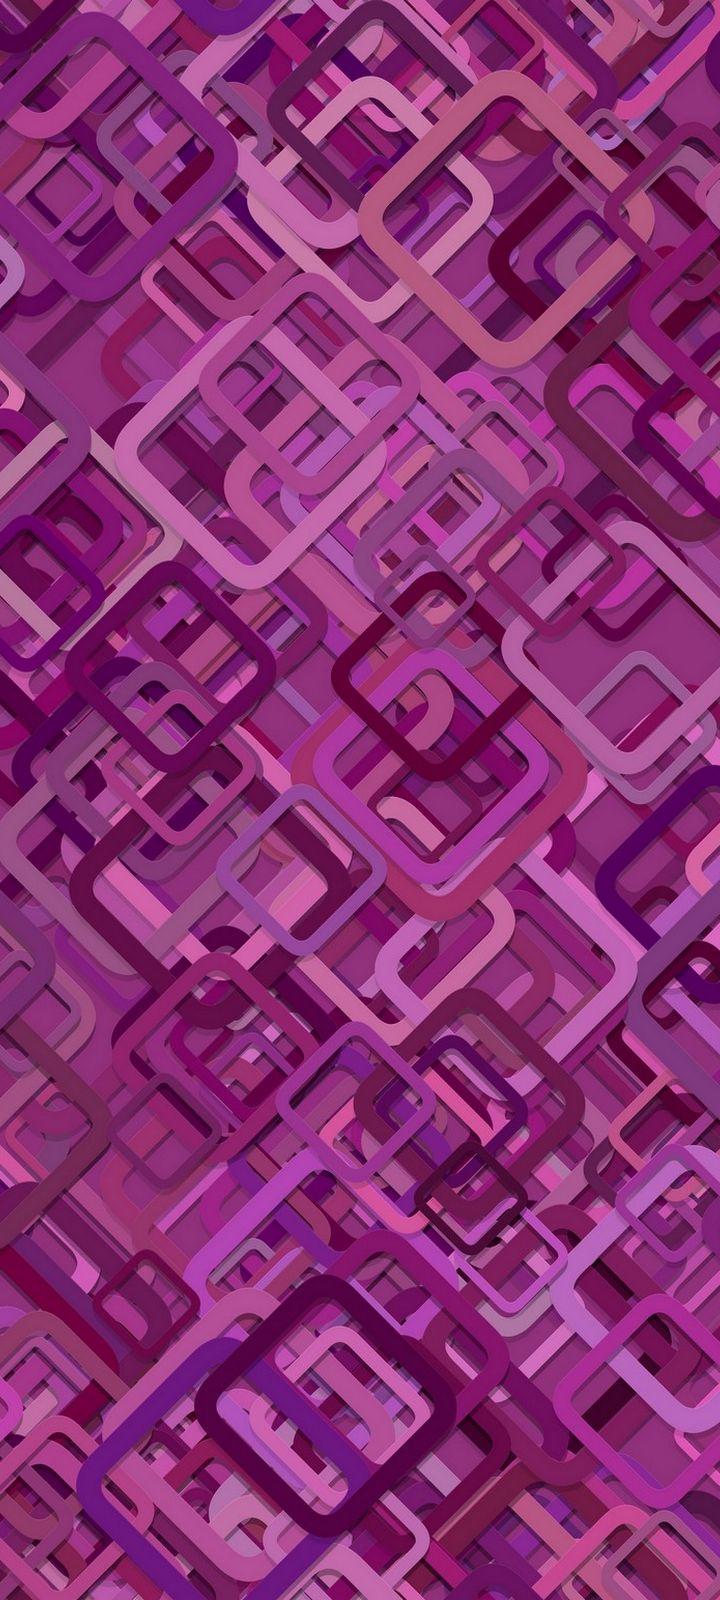 Diagonals Shapes Purple Wallpaper 720x1600